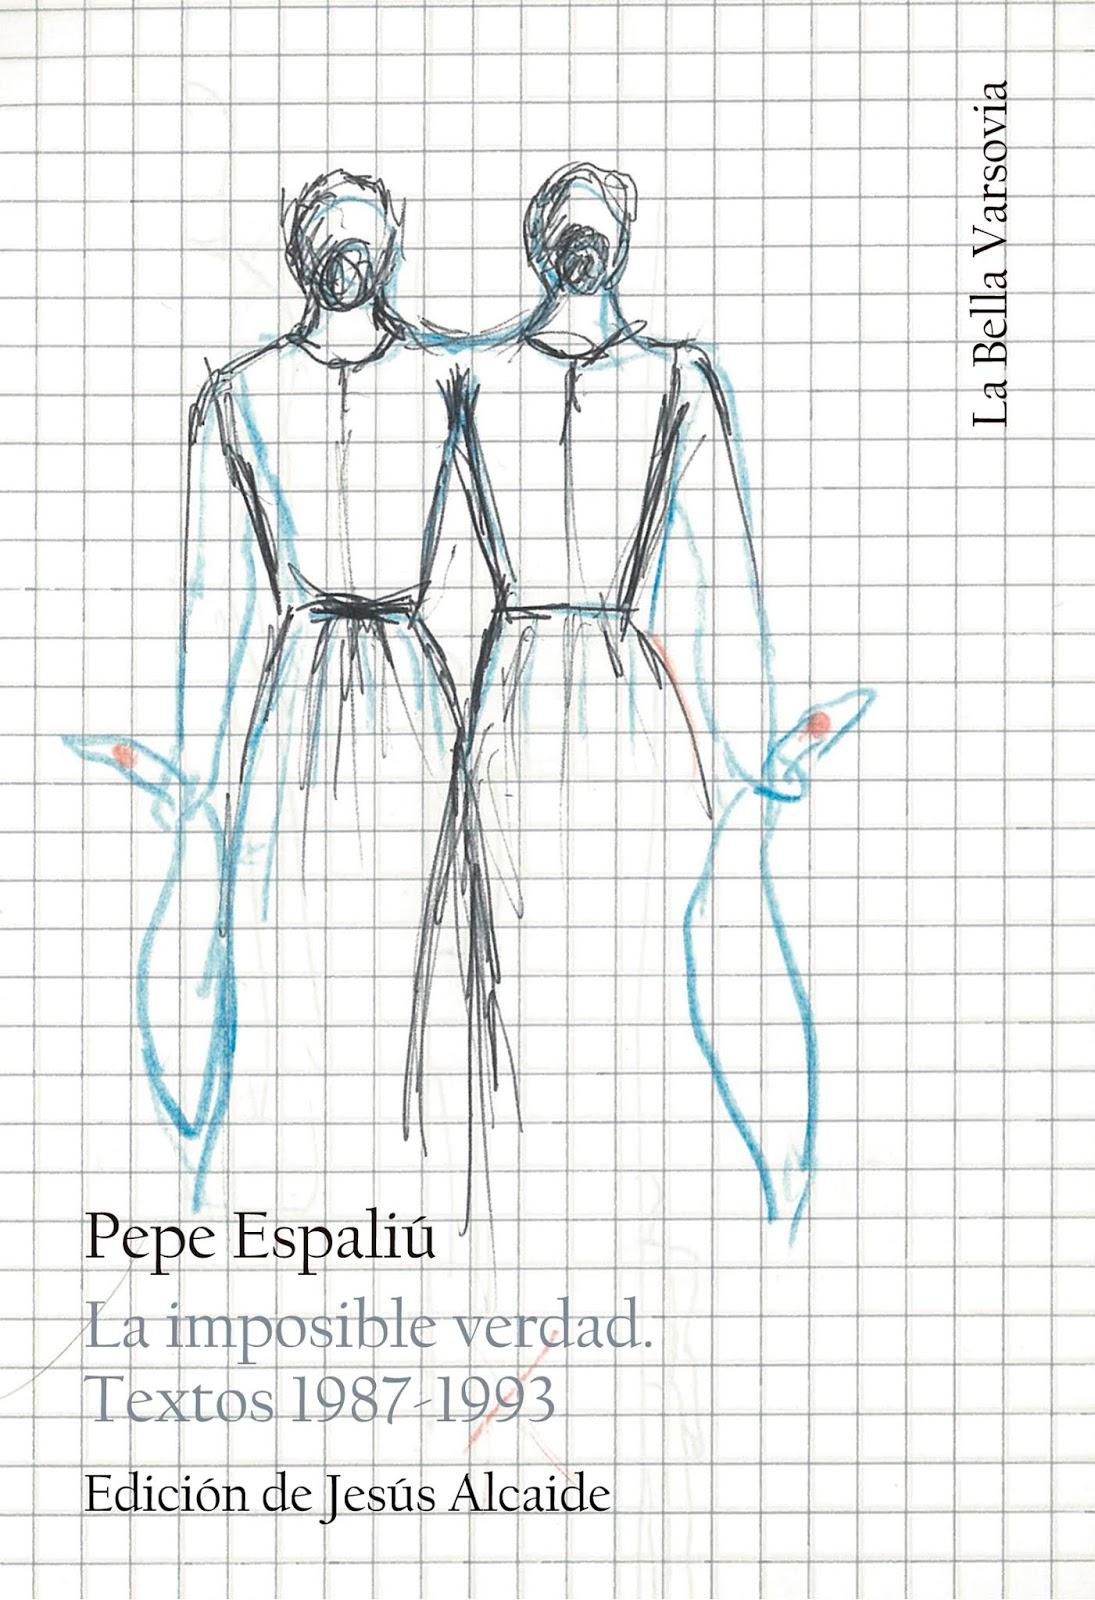 9251f141633b19 En los últimos años de su vida, Pepe Espaliú situó la escritura poética al  mismo nivel que su trabajo en otras disciplinas artísticas.